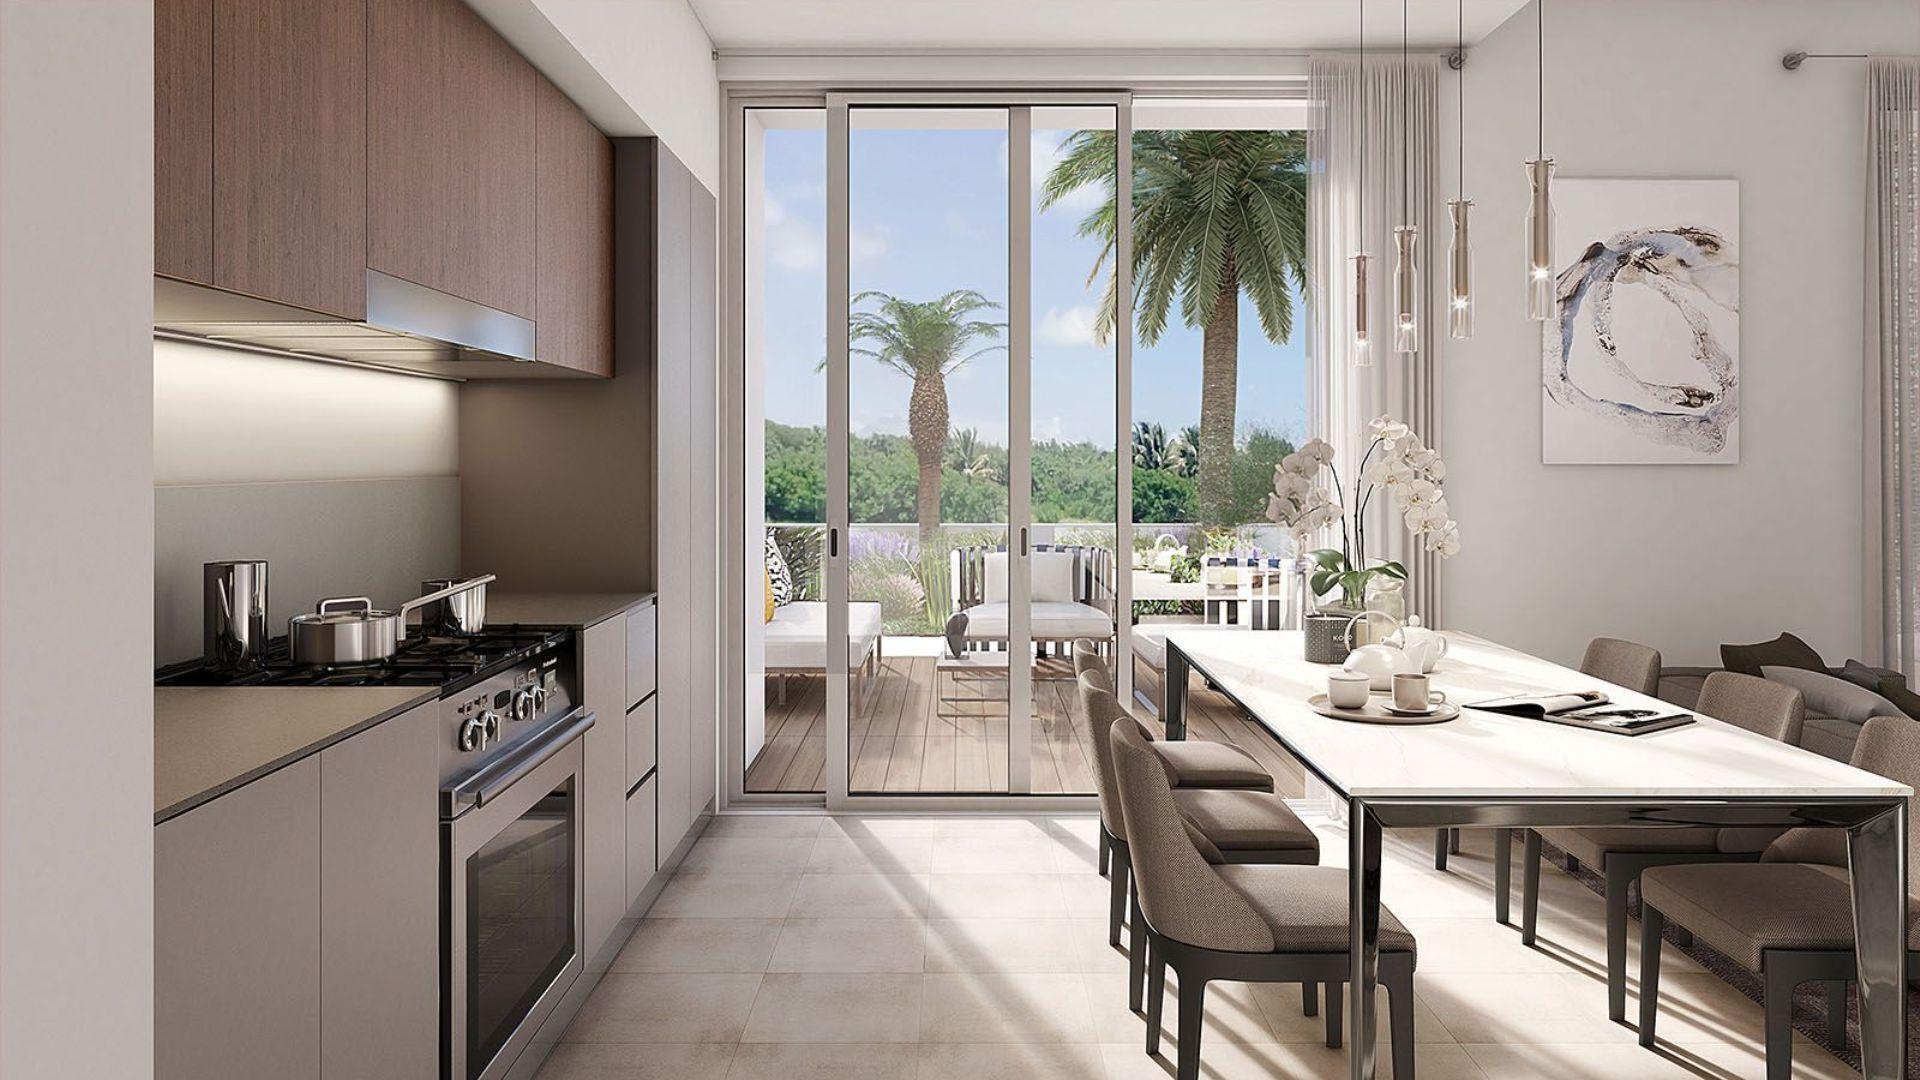 Villa en venta en Dubai, EAU, 3 dormitorios, 180 m2, № 24246 – foto 2